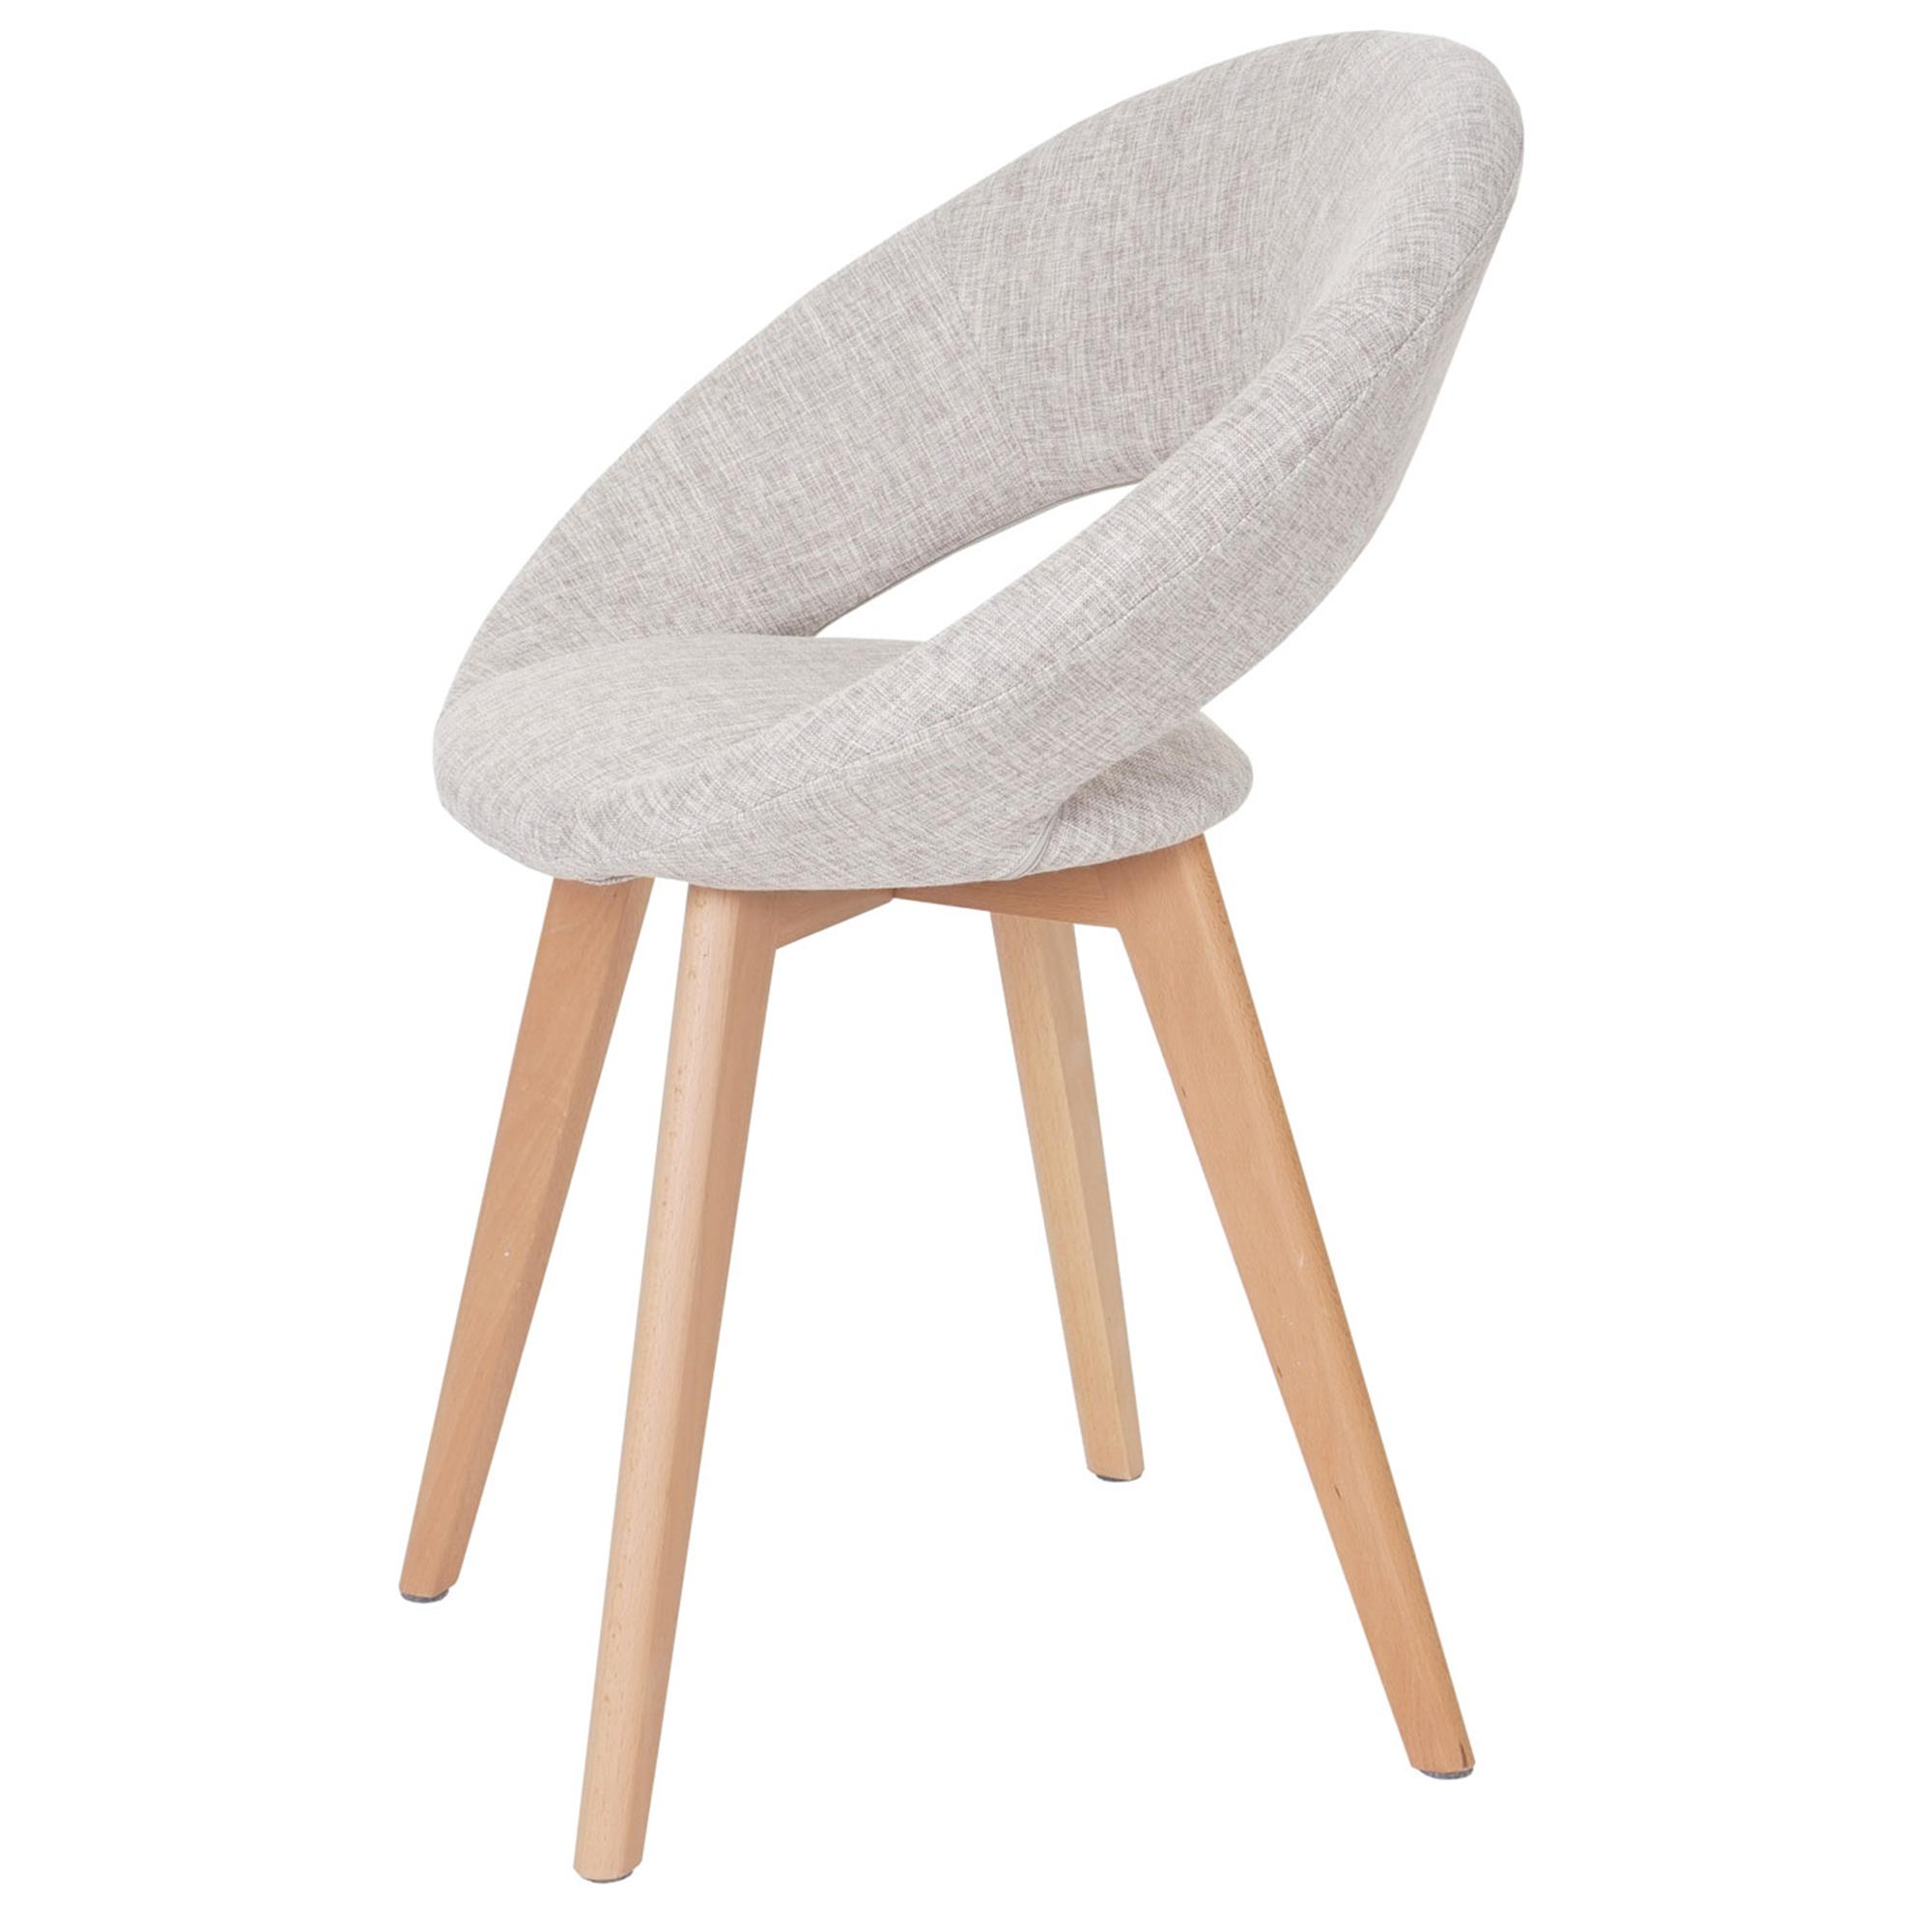 Silla de comedor vedri dise o retro en tela crema silla - Silla comedor diseno ...